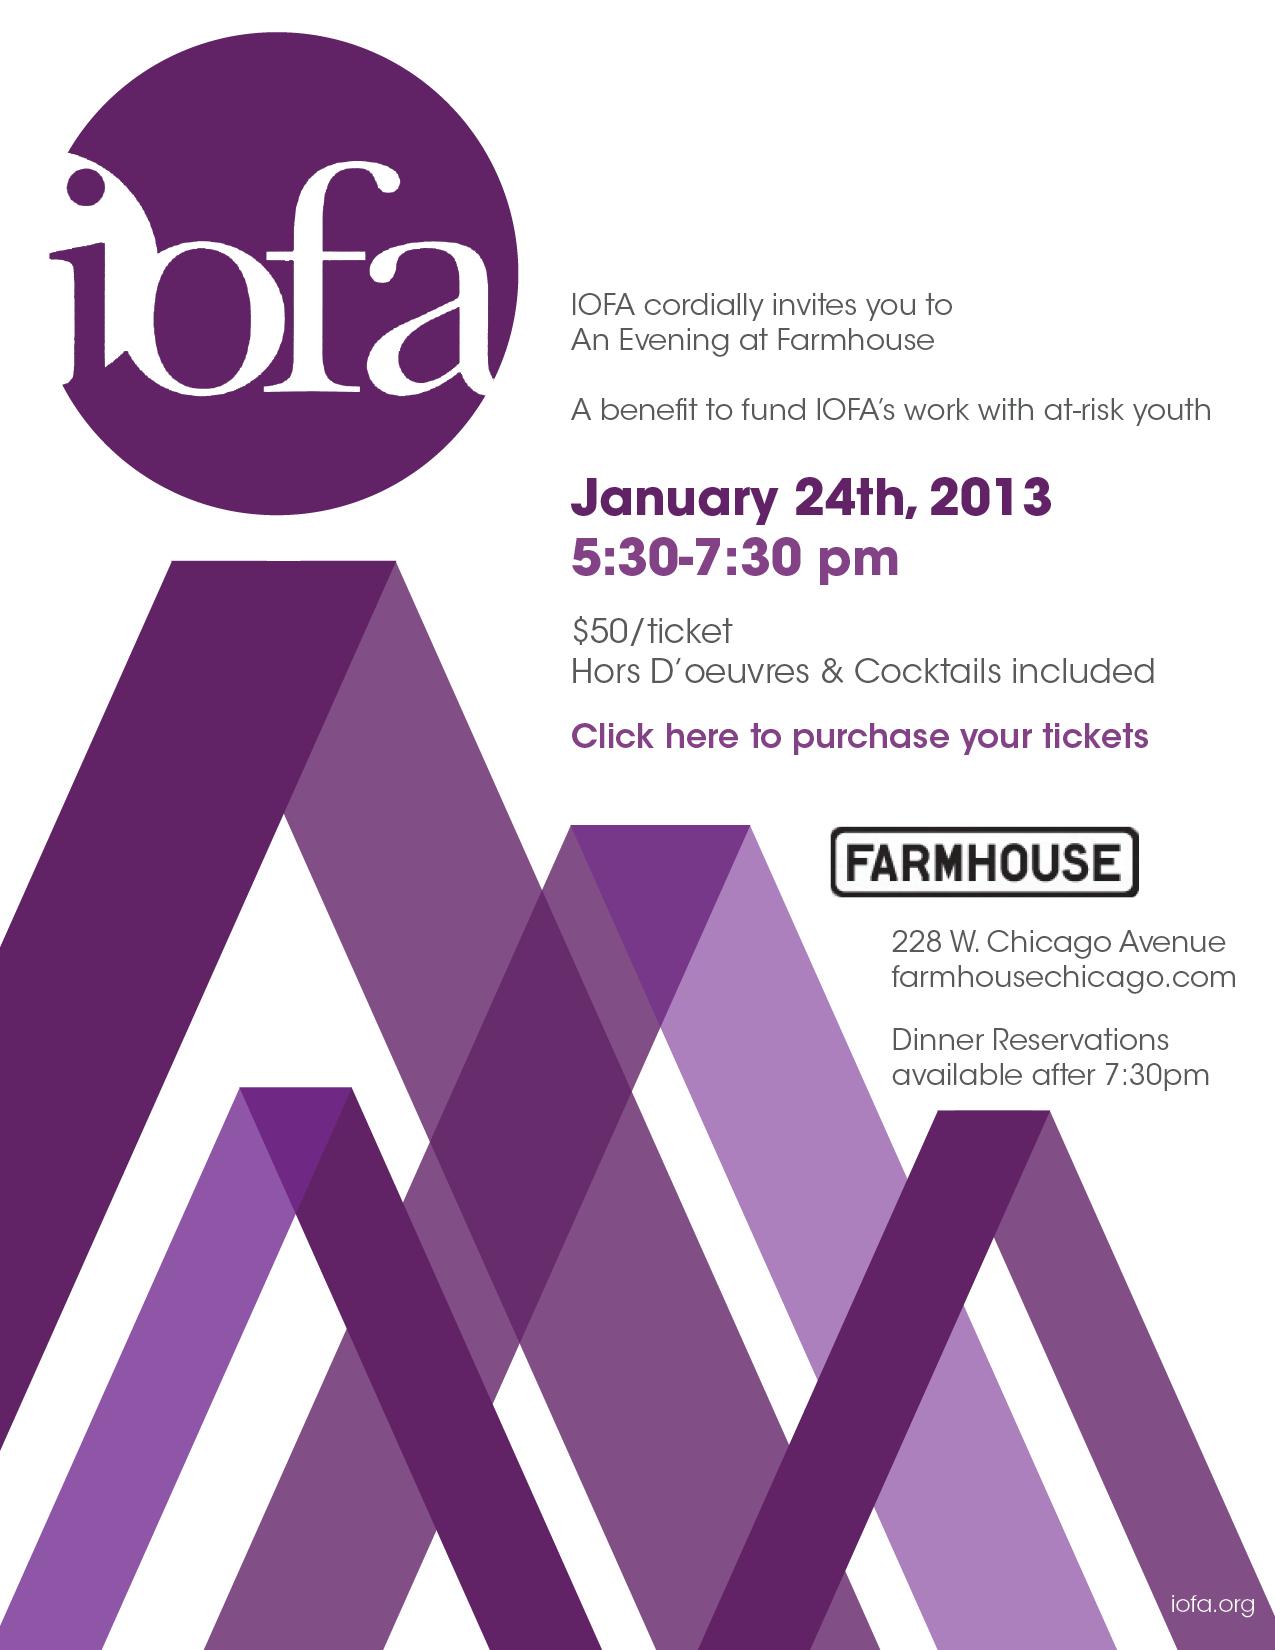 IOFA Evening at Farmhouse